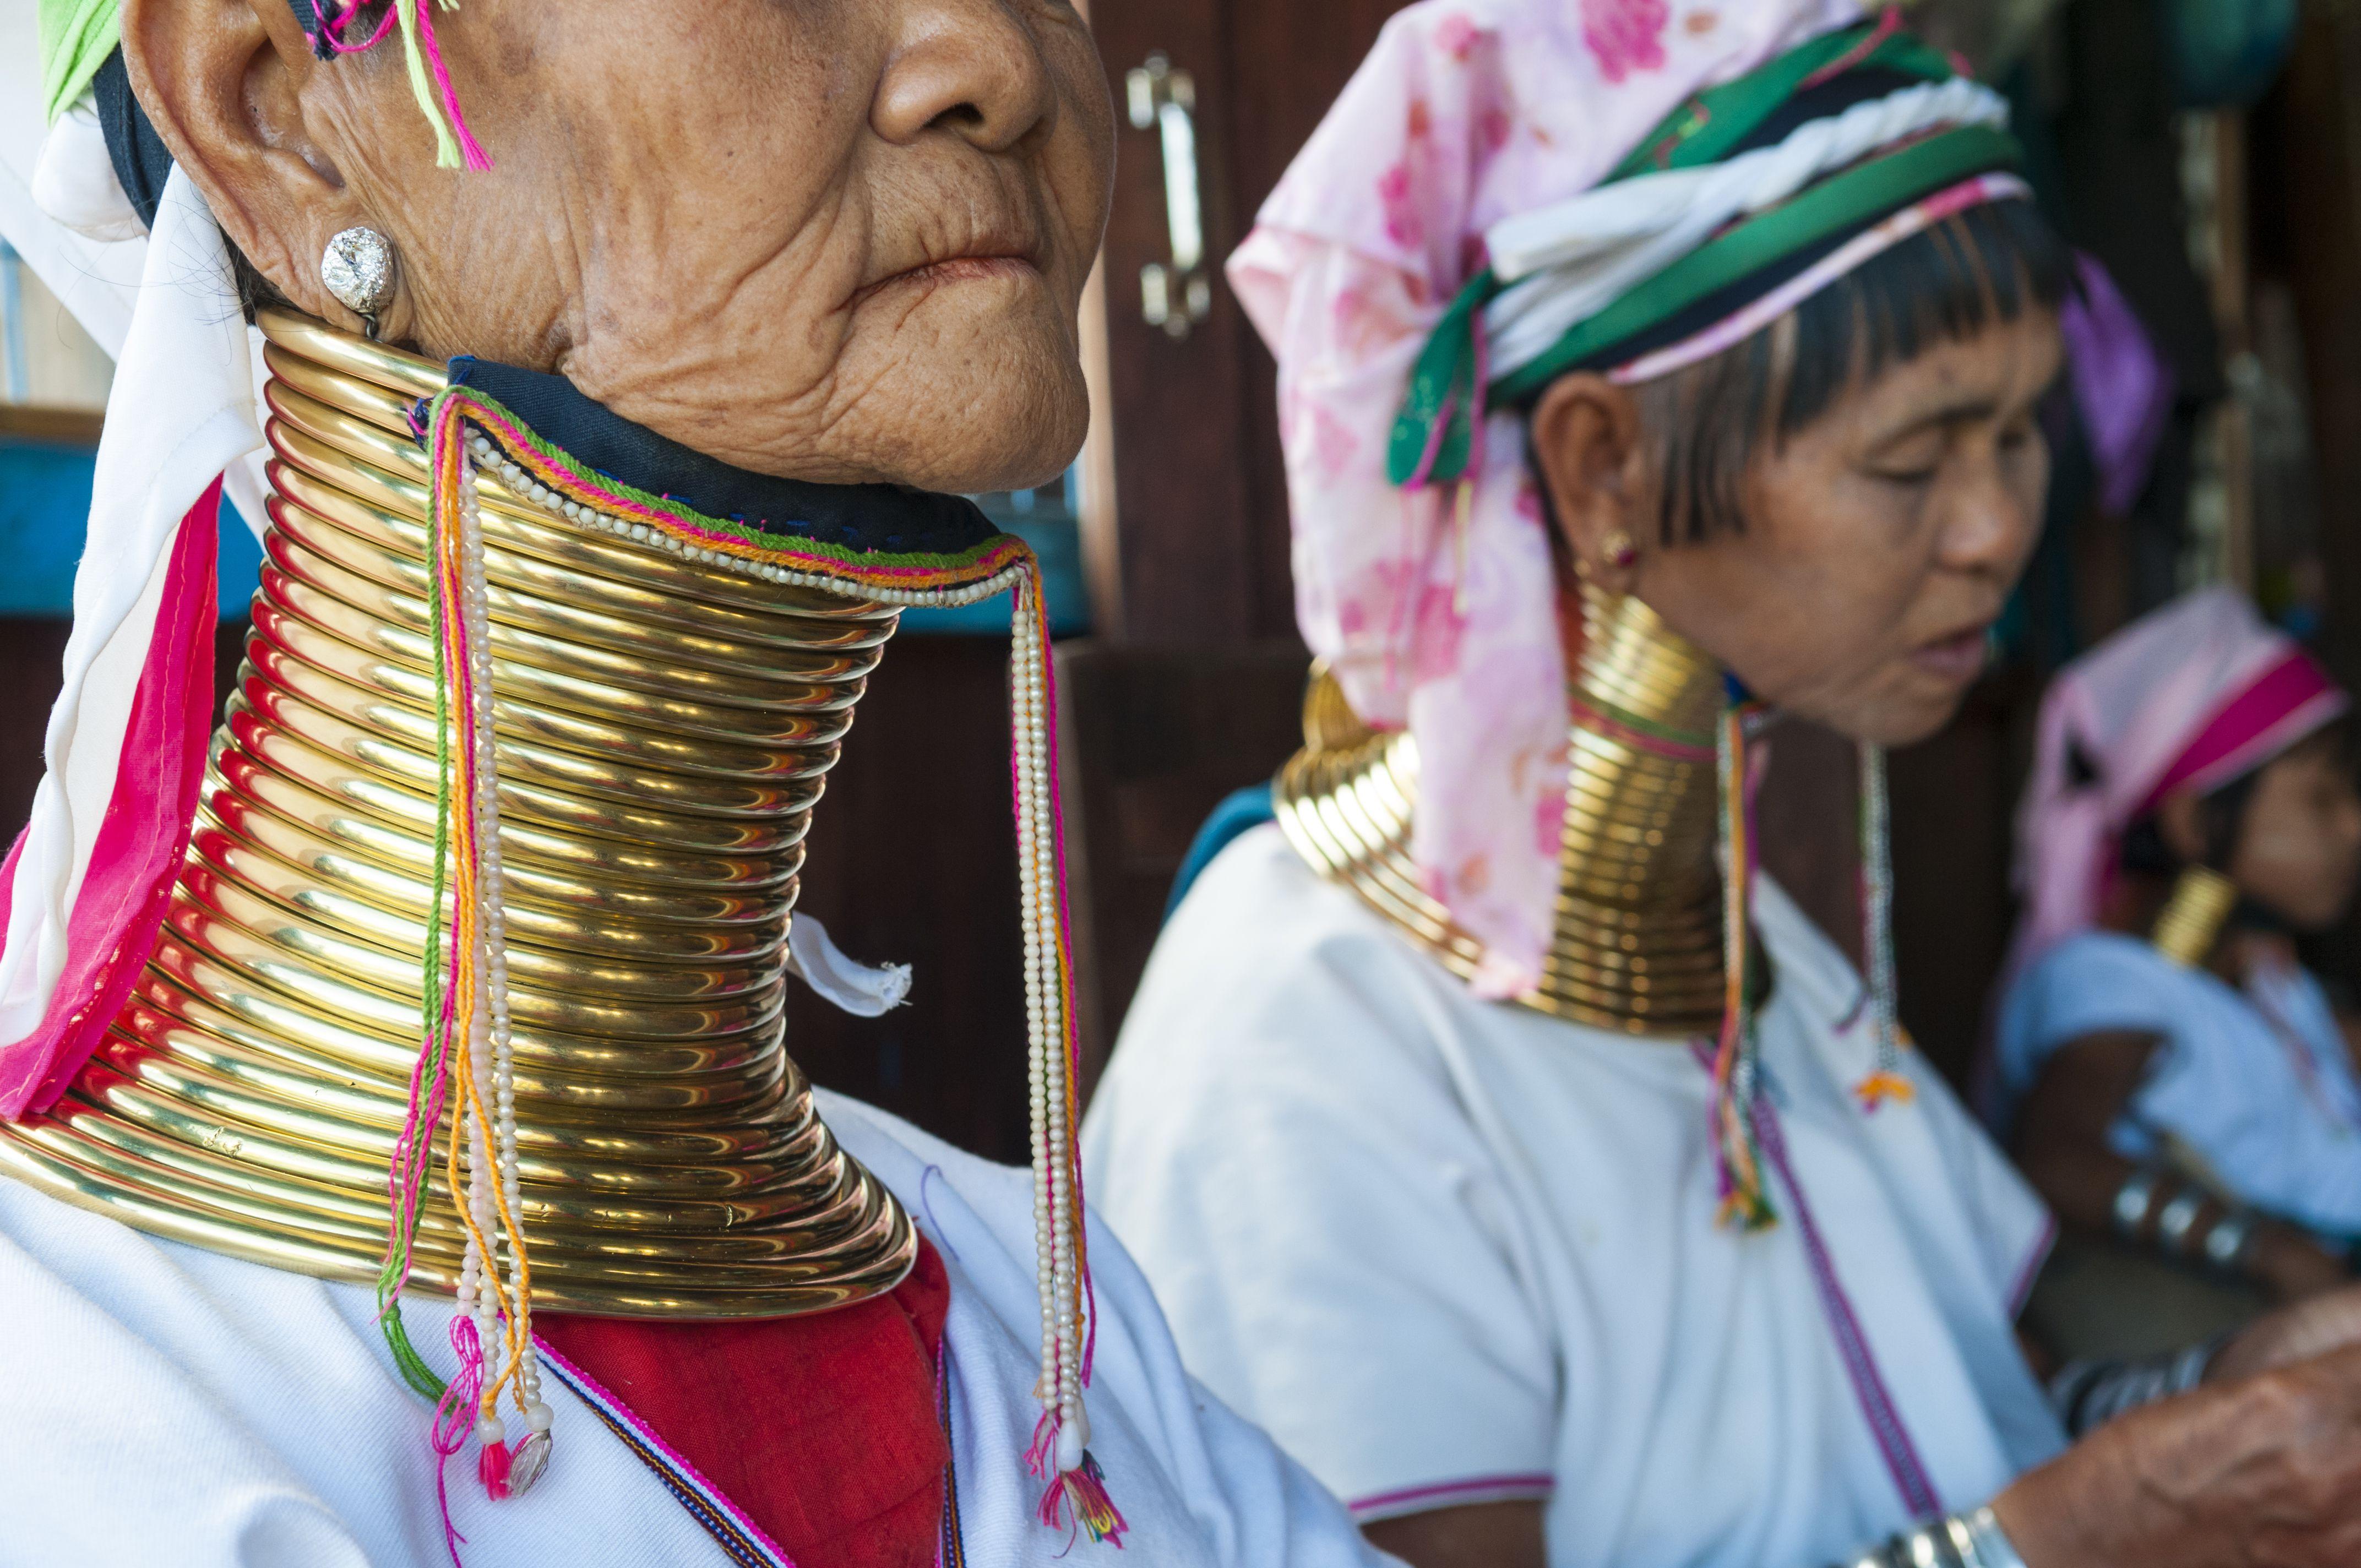 Padaung women in Myanmar